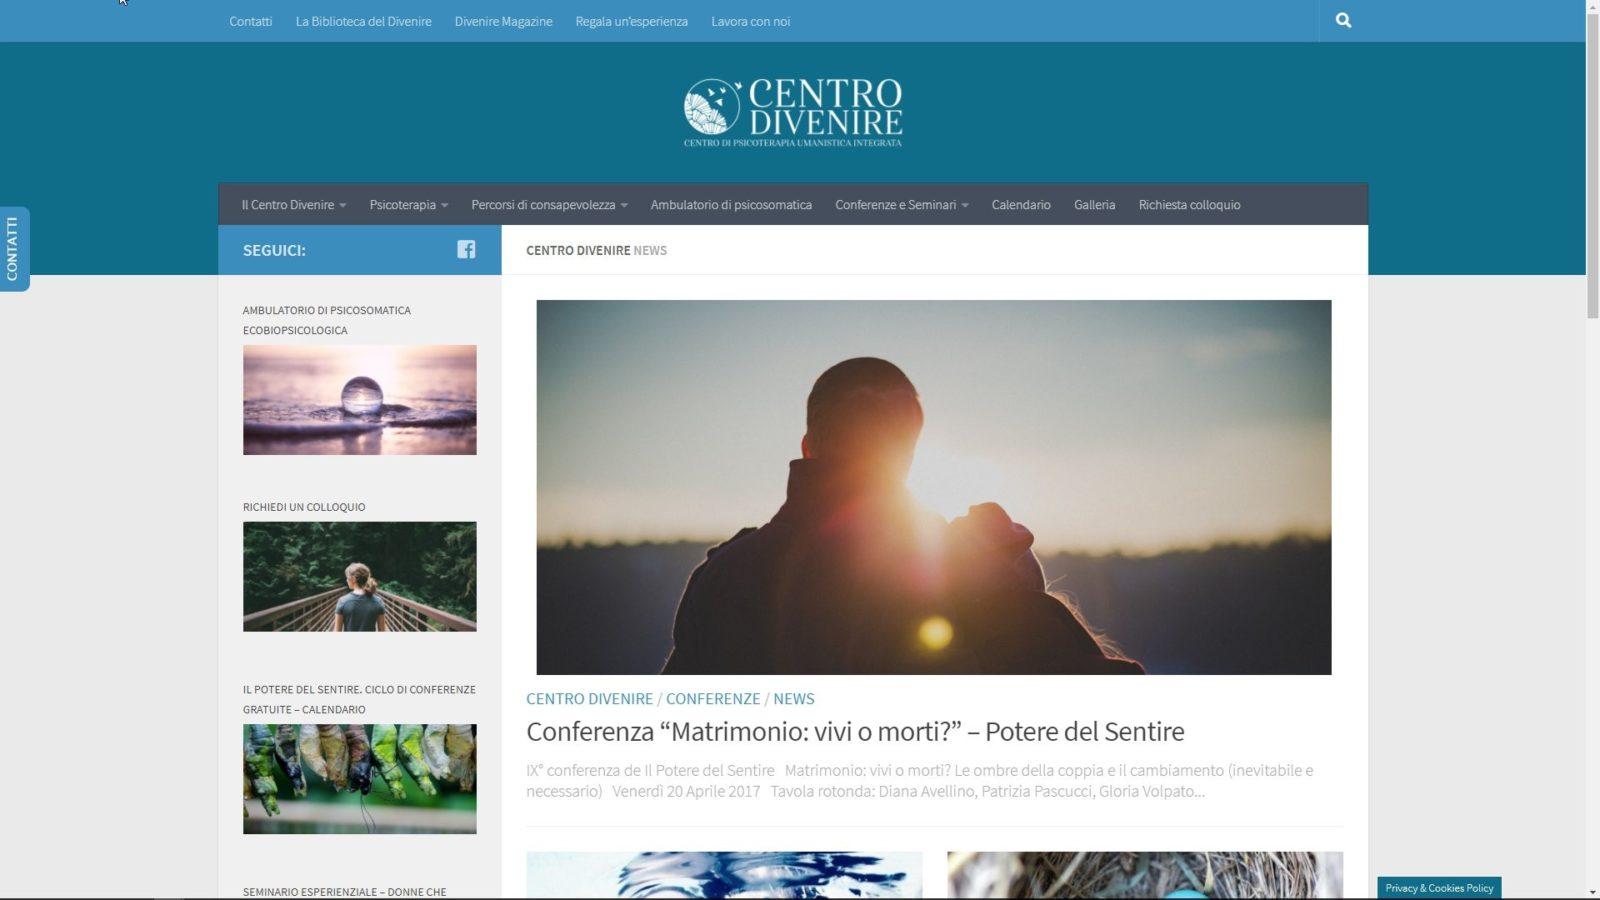 SITO INTERNET CENTRO DIVENIRE - HOMPAGE